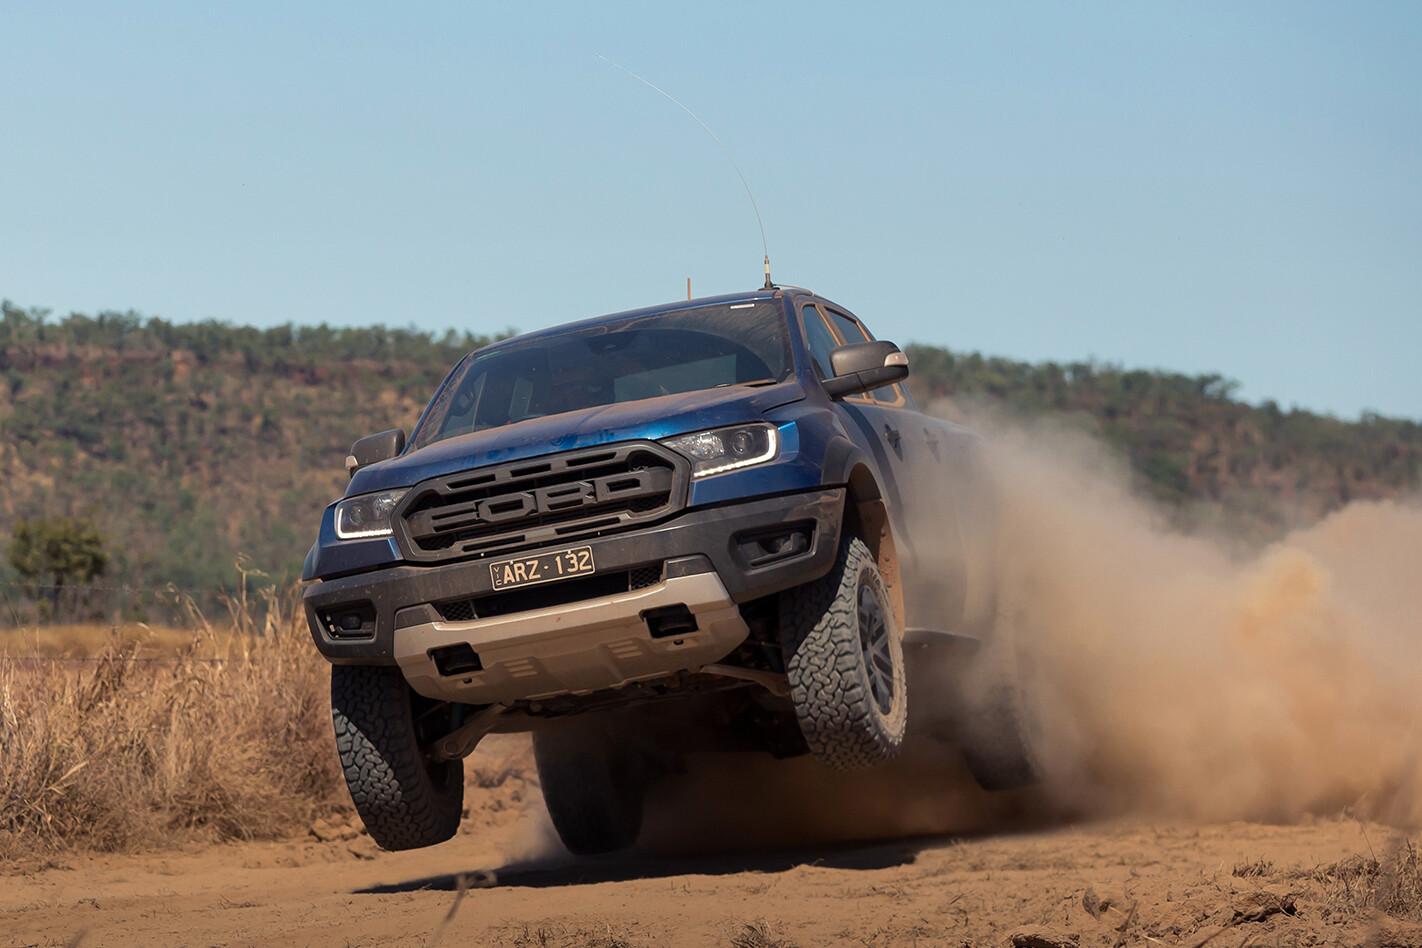 Ford Ranger Jpg